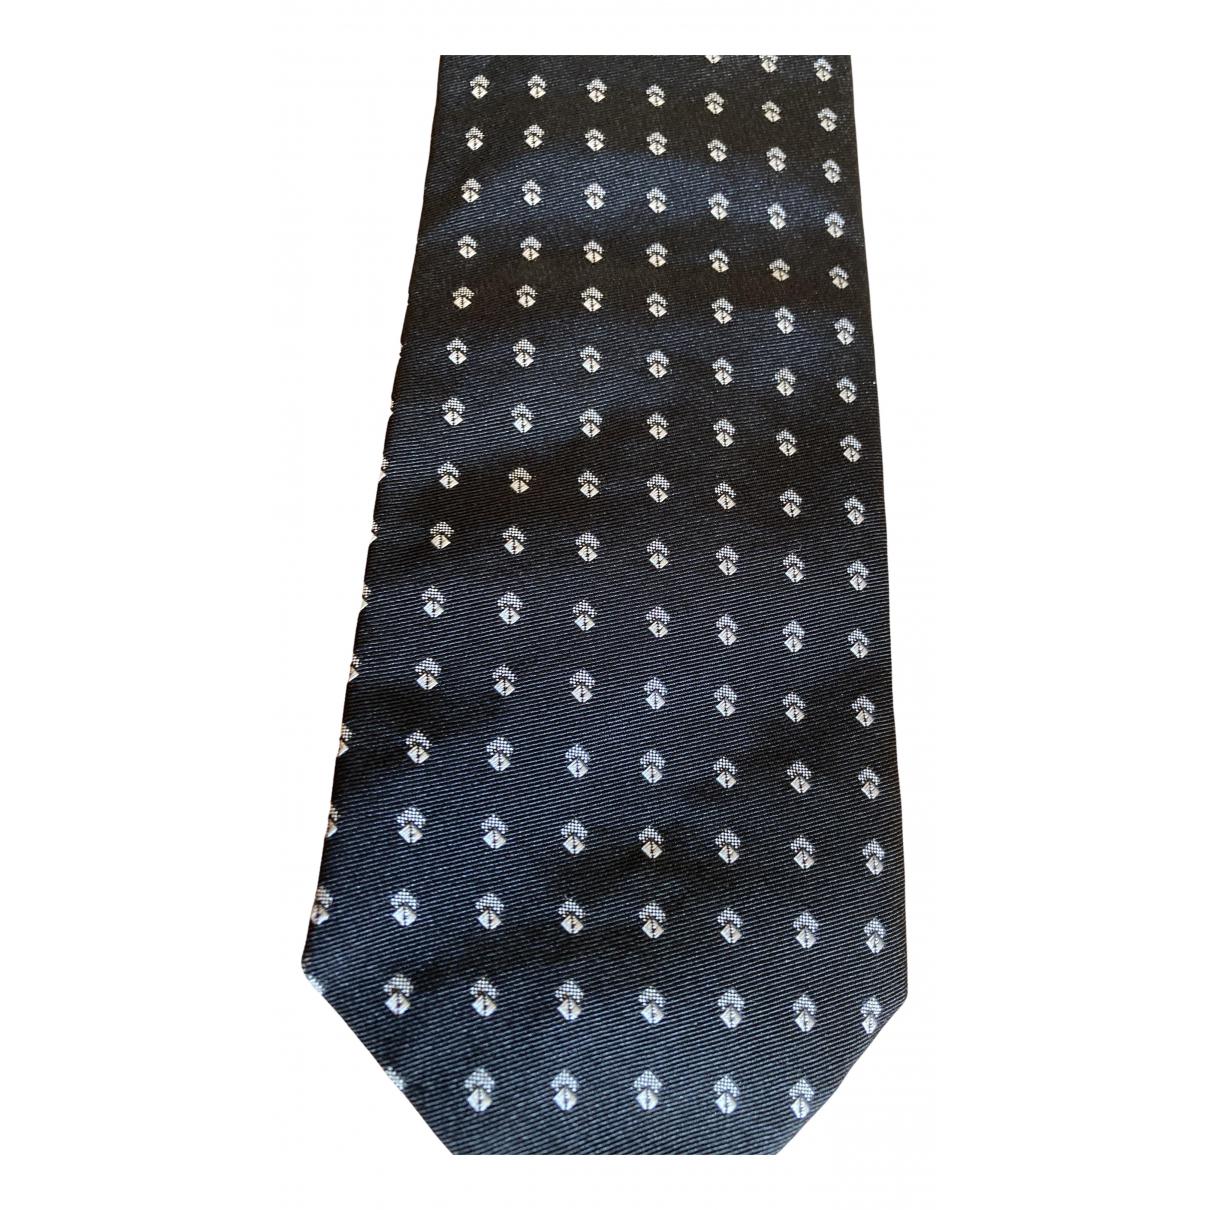 Gianni Versace - Cravates   pour homme en soie - gris